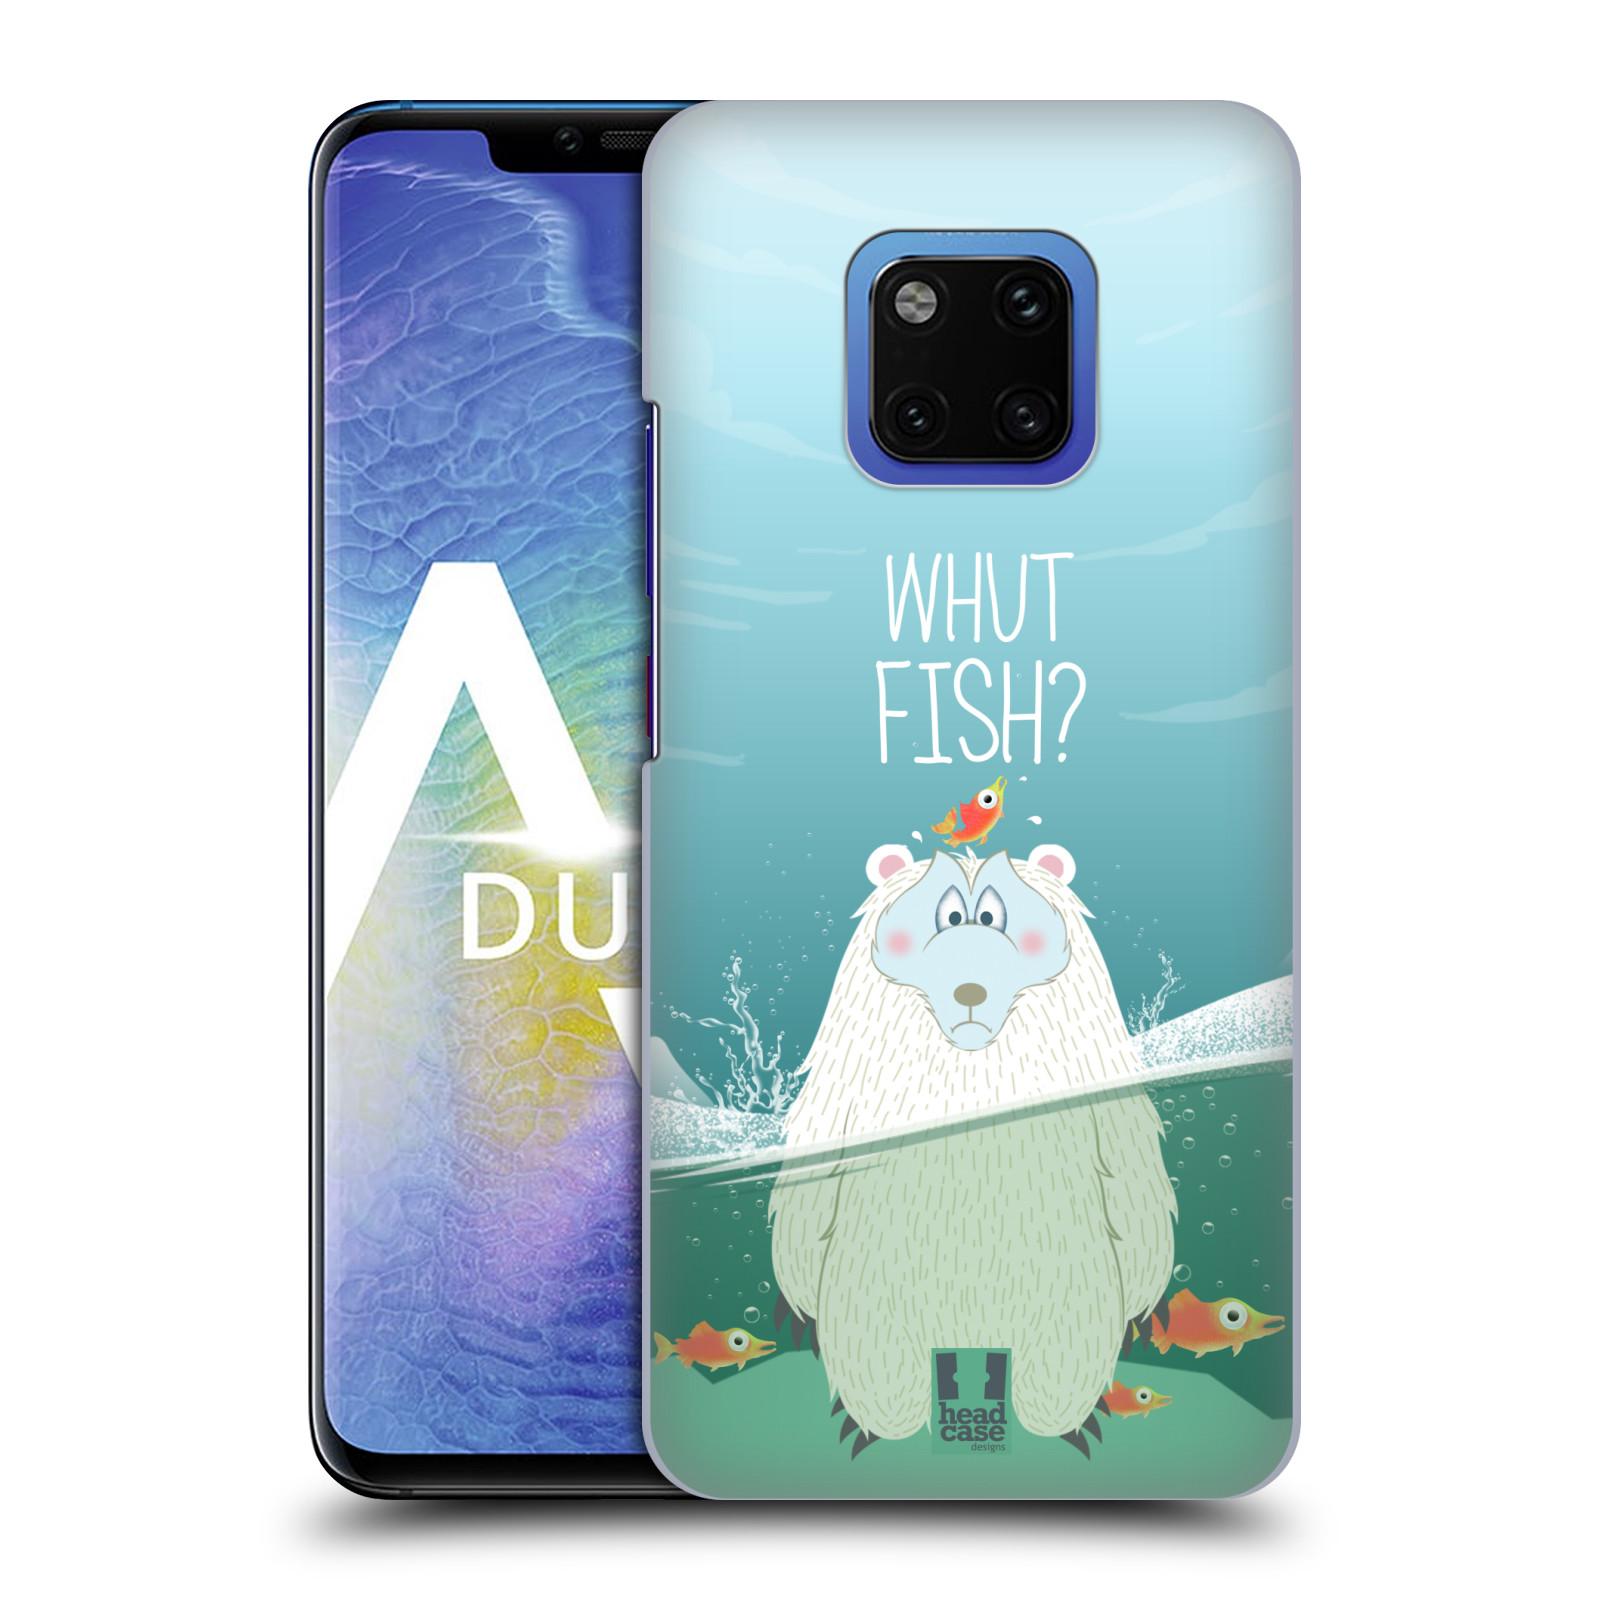 Plastové pouzdro na mobil Huawei Mate 20 Pro - Head Case - Medvěd Whut Fish?